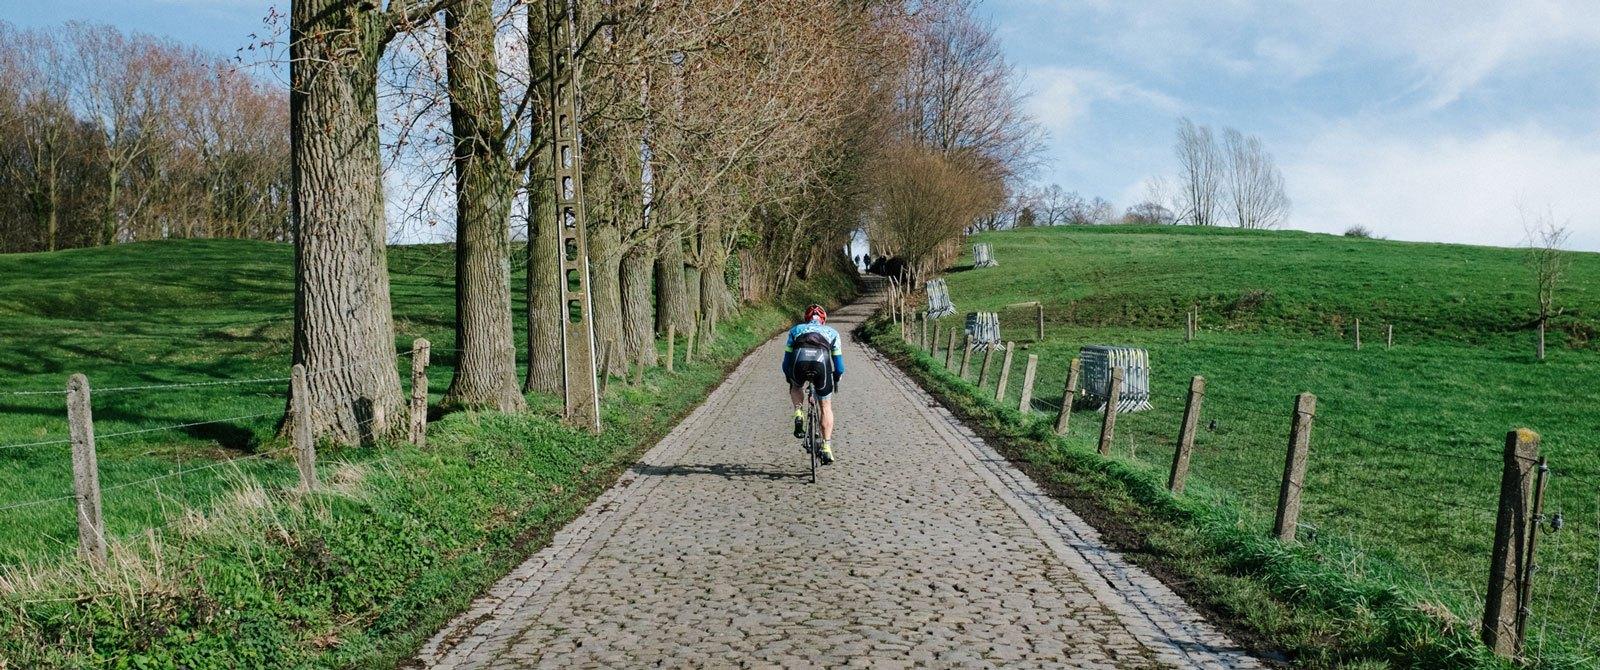 TFR-Flanders-4943-1600x670 Spring Classics 2018 Bokanev1 1600x670 ... 02612da1e